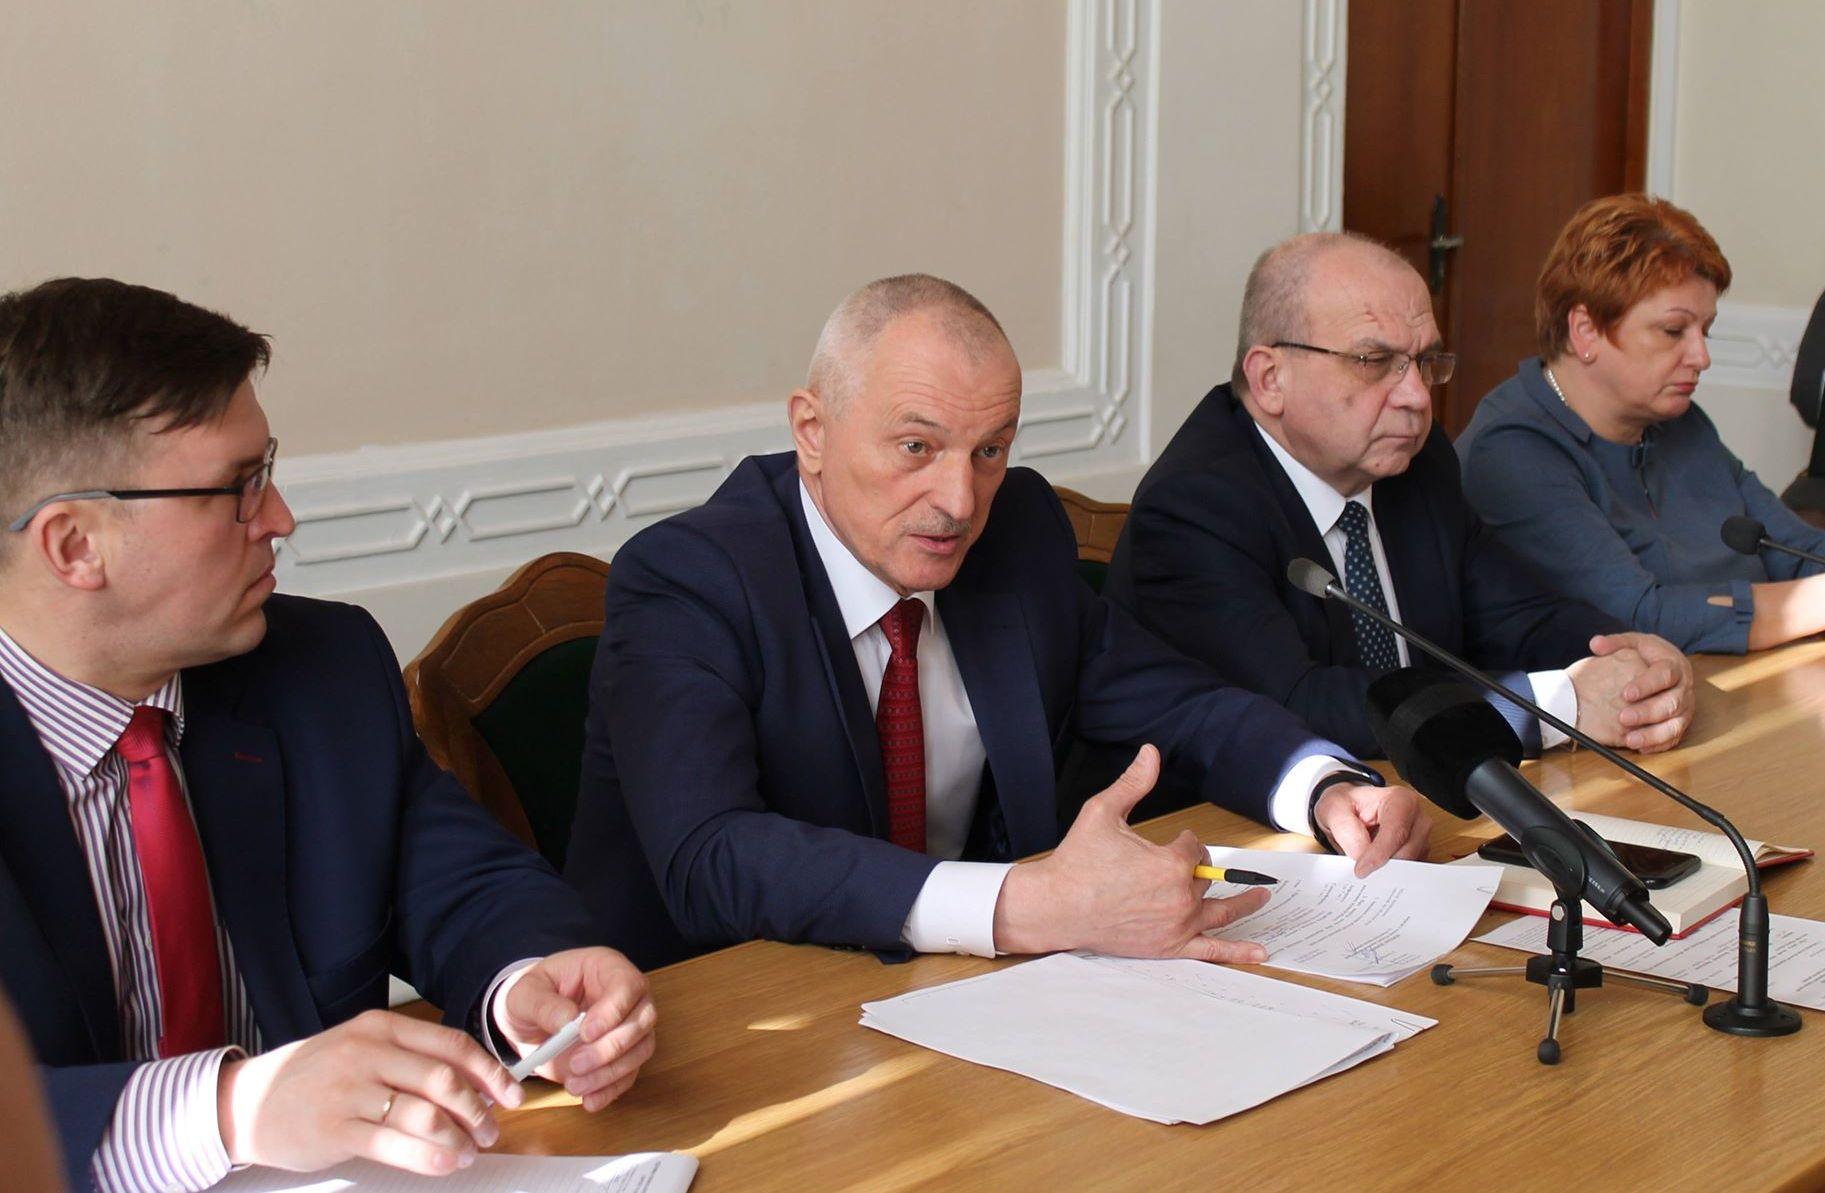 Олександр Савченко та Володимир Гунчик працюватимуть в тандемі